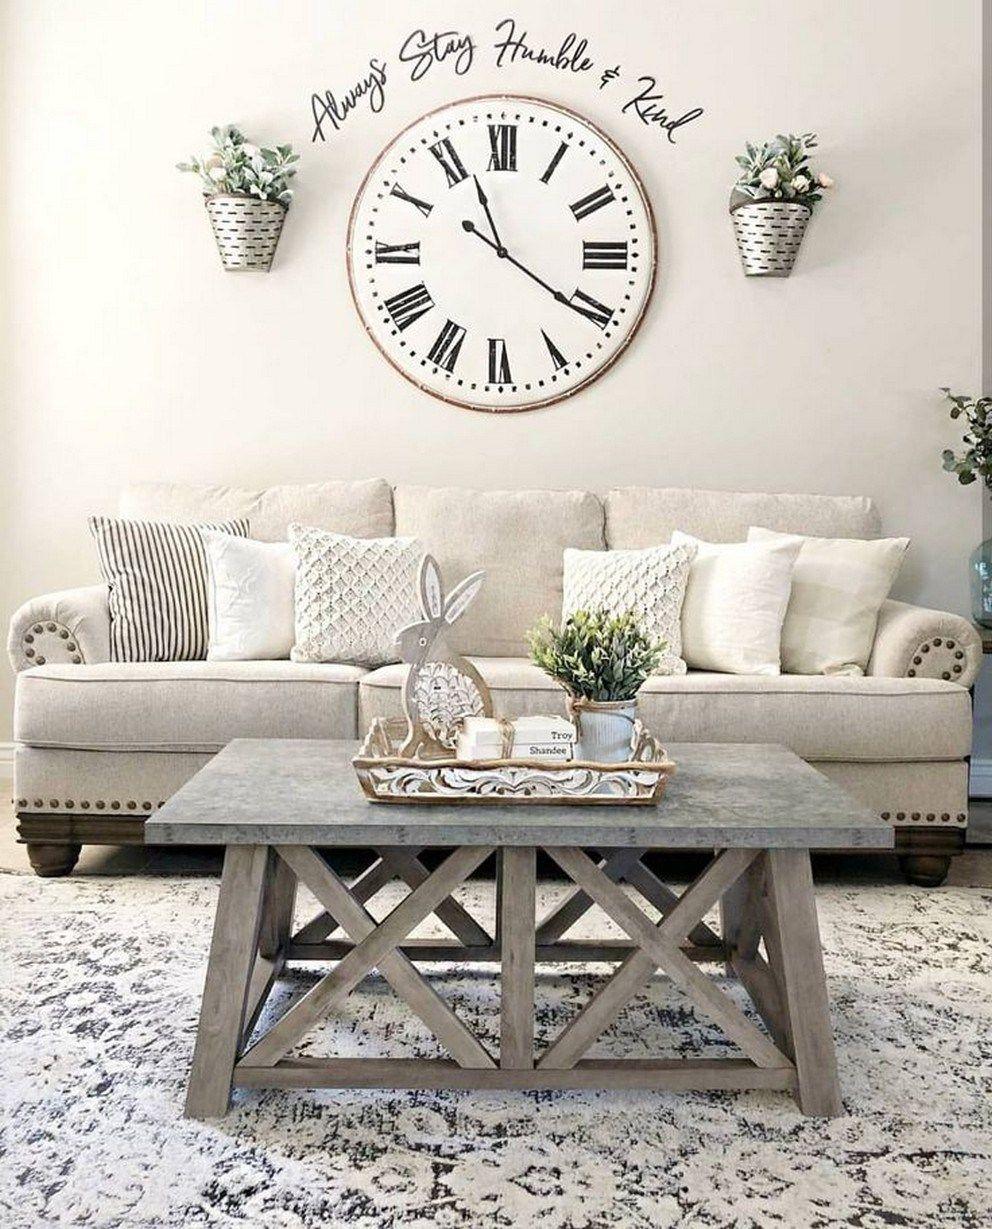 96 Beautiful Farmhouse Living Room Design And Decor Ide